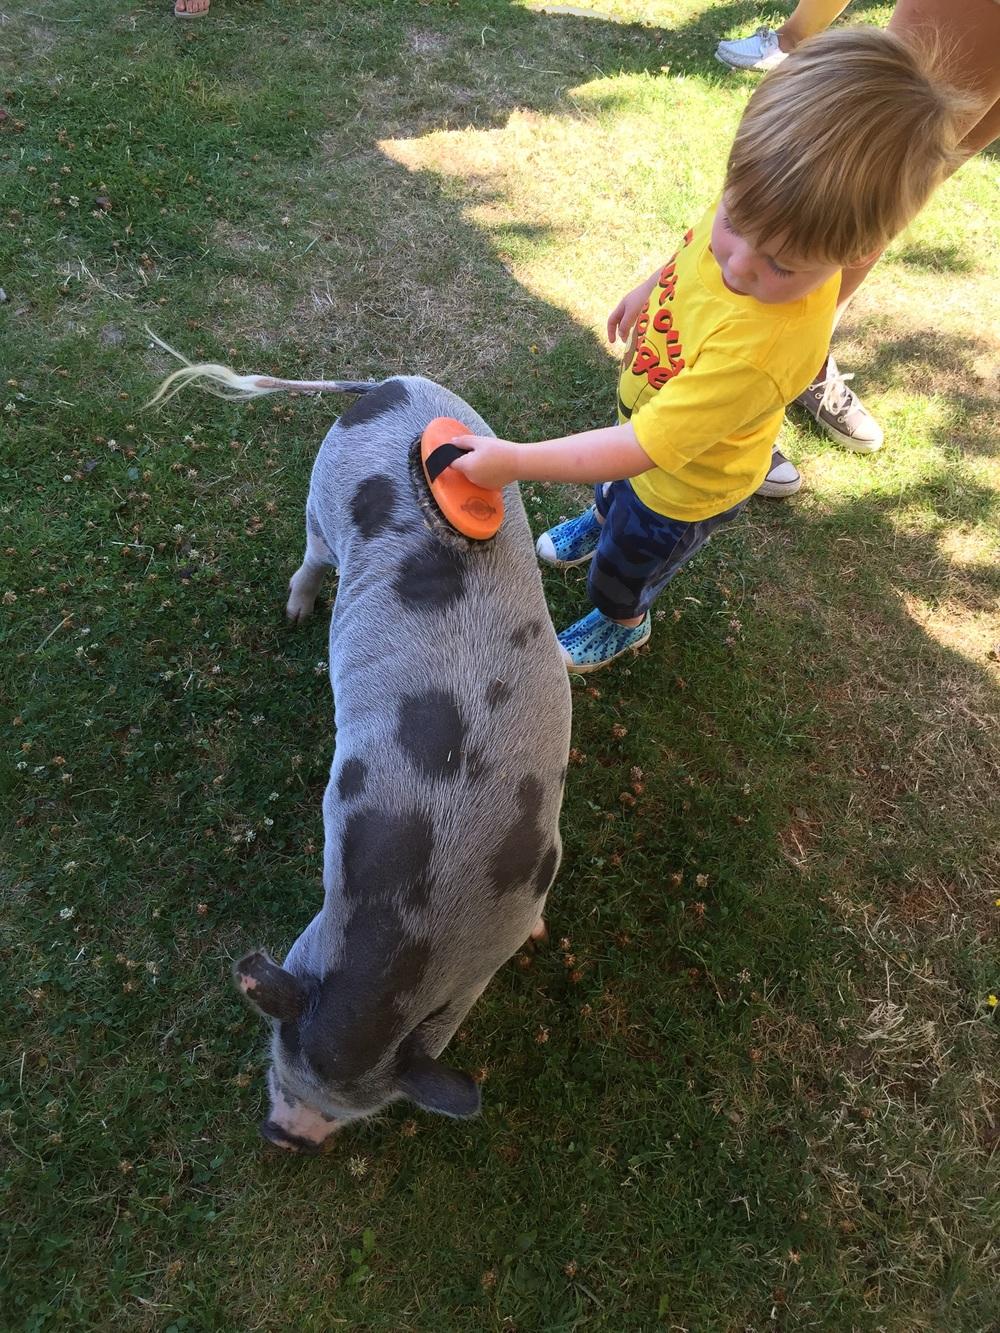 A pig named Hamlet